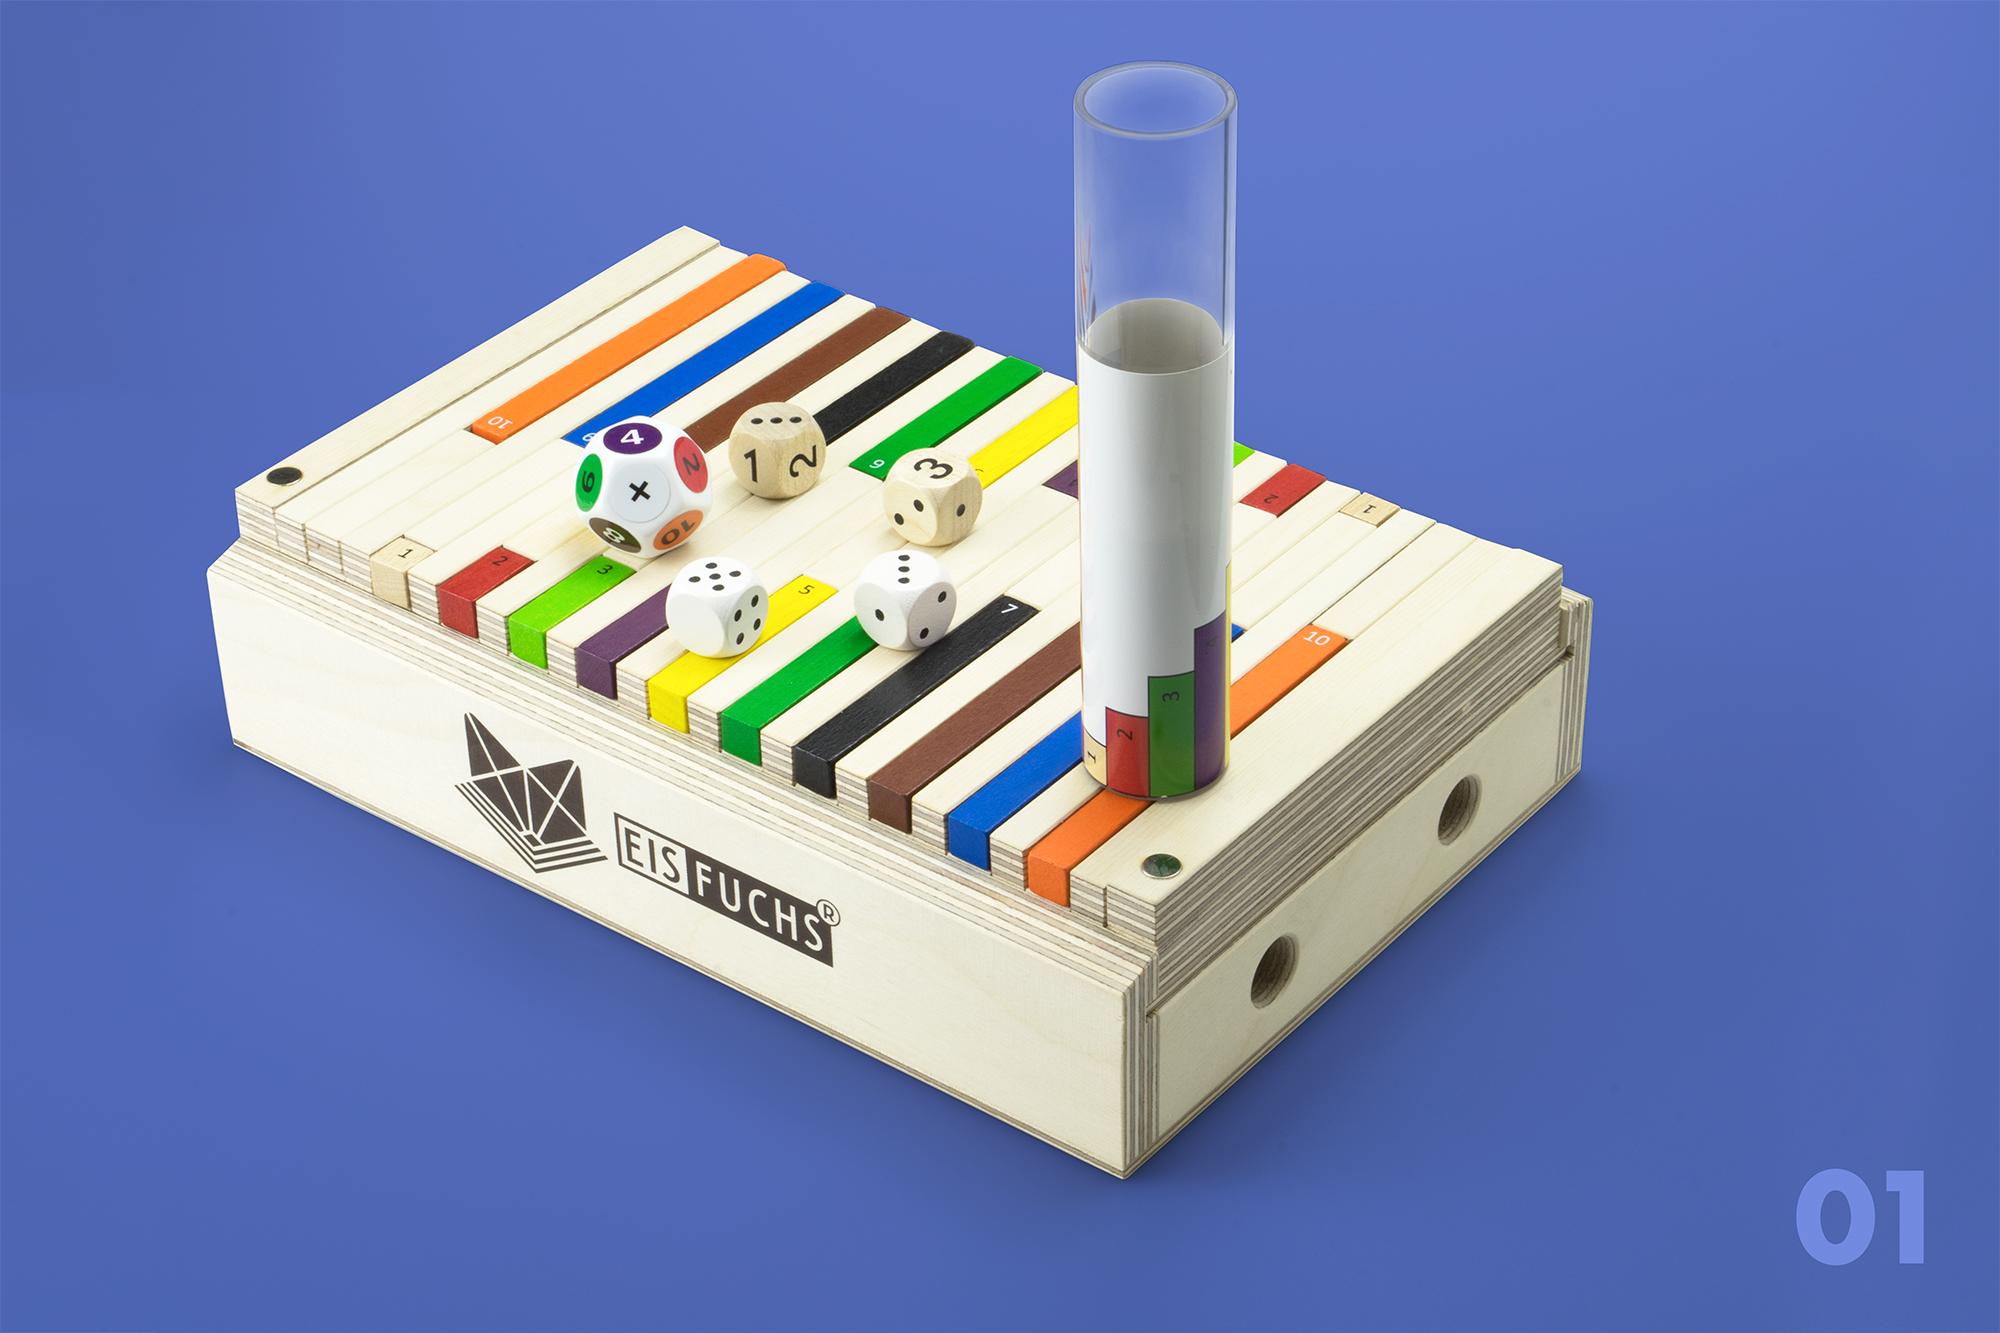 Caramba-Spiel - Das vielseitige Caramba-Spielbrett eignet sich ganz besonders für den privaten Gebrauch. Die Spiele begeistern Kinder und Erwachsene, jede Spielrunde erzeugt eine ganz besondere Spannung.CHF 124.– mit Spielanleitung